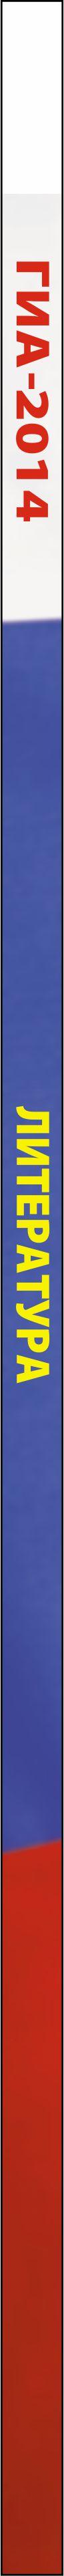 ГИА-2014. Литература. 9 класс. 20 типовых вариантов экзаменационных работ для подготовки к государственной итоговой аттестации